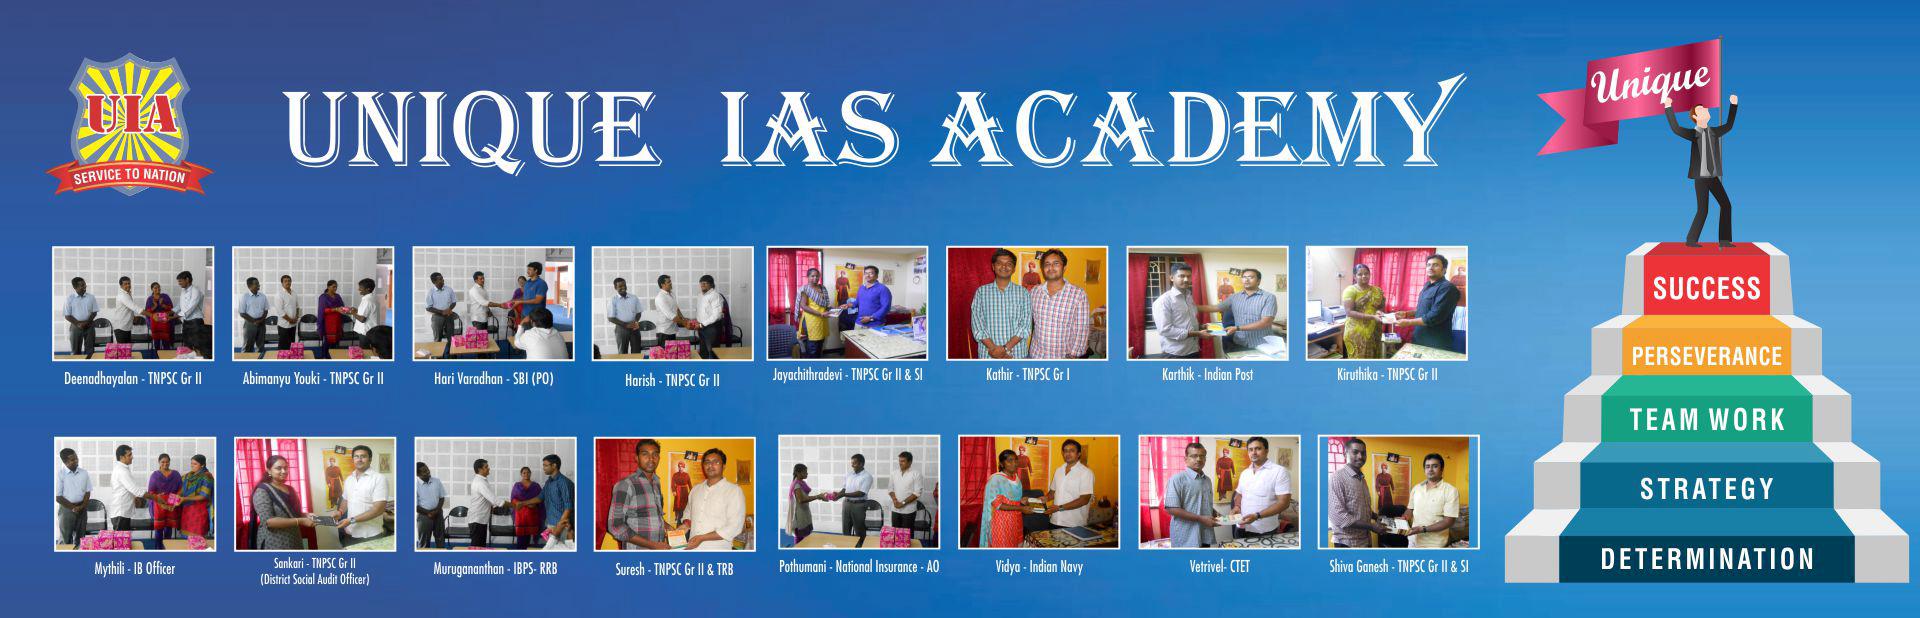 Unique IAS Academy in Gandhipuram, Coimbatore-641012   Sulekha